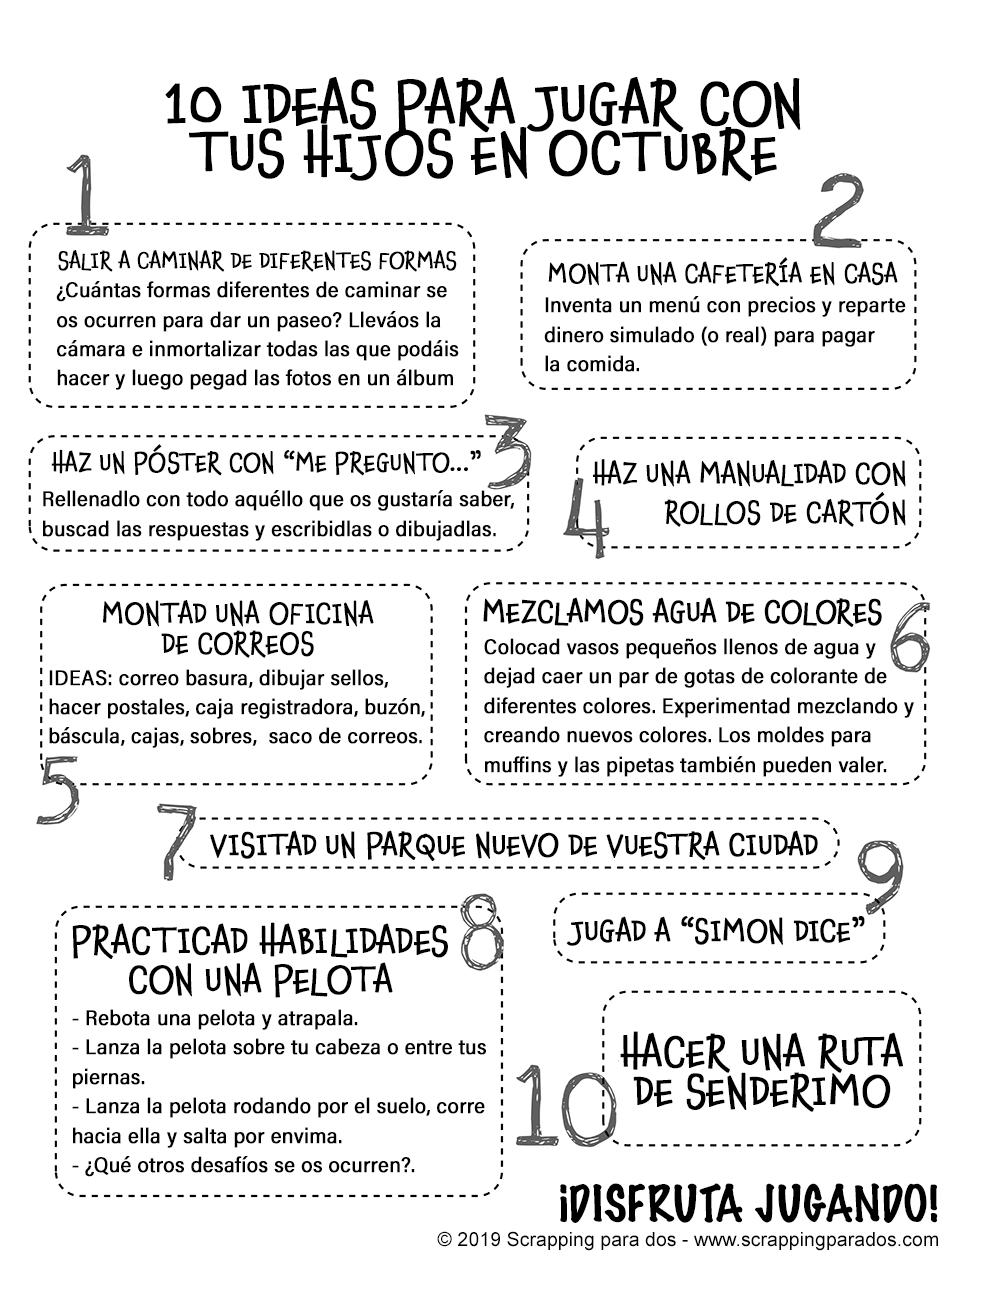 ideas para jugar con tus hijos en octubre